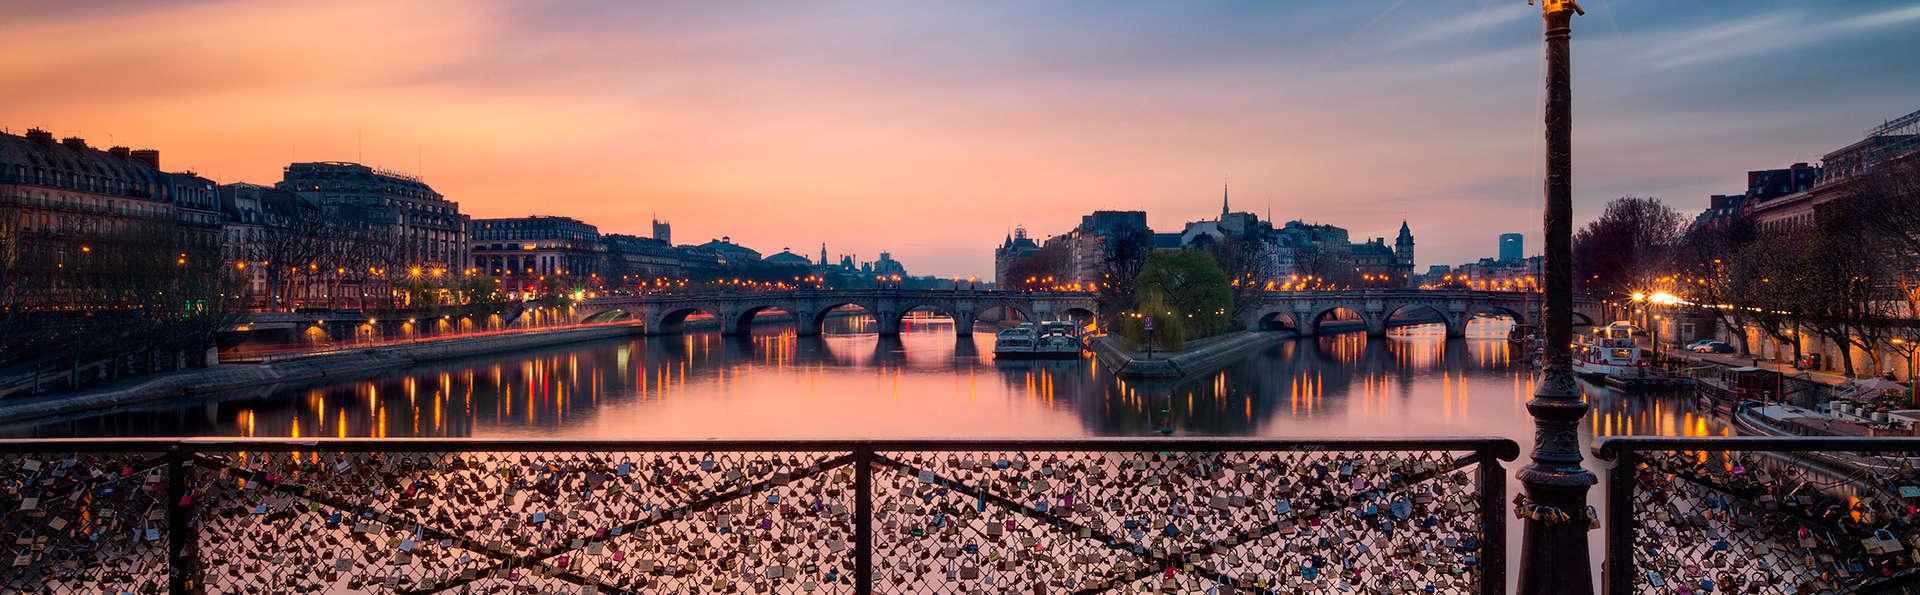 Parenthèse romantique à deux pas des Champs Elysées